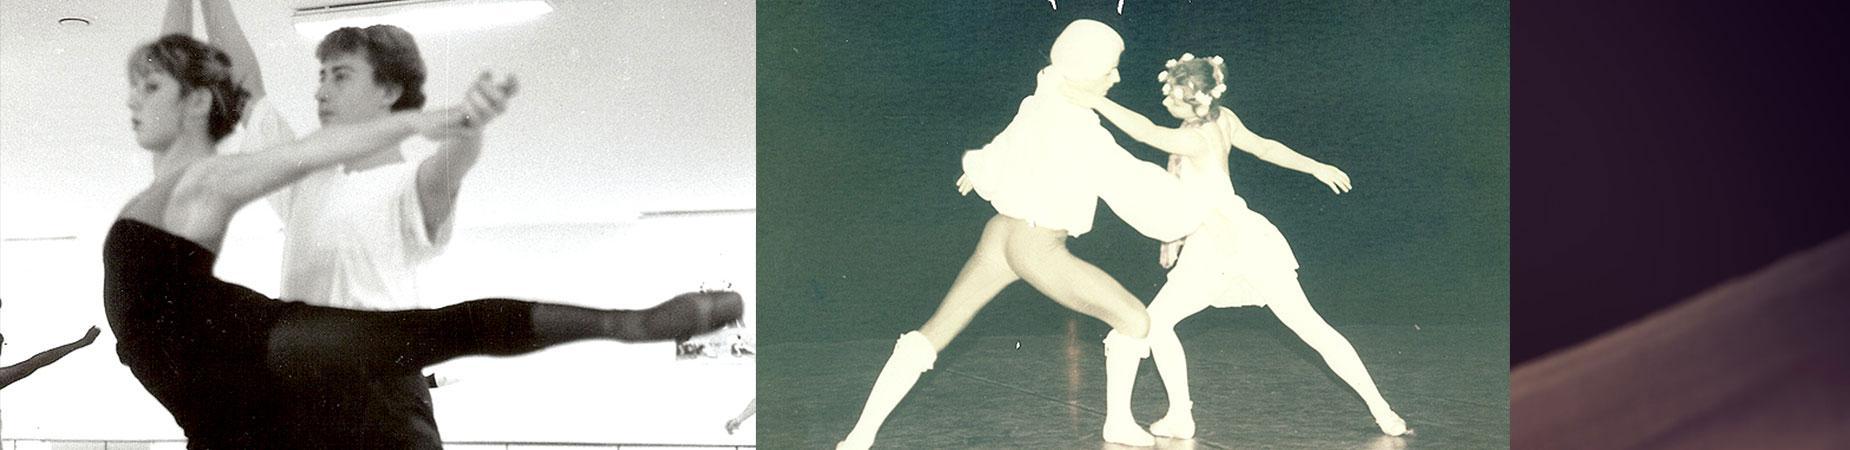 danse classique niort